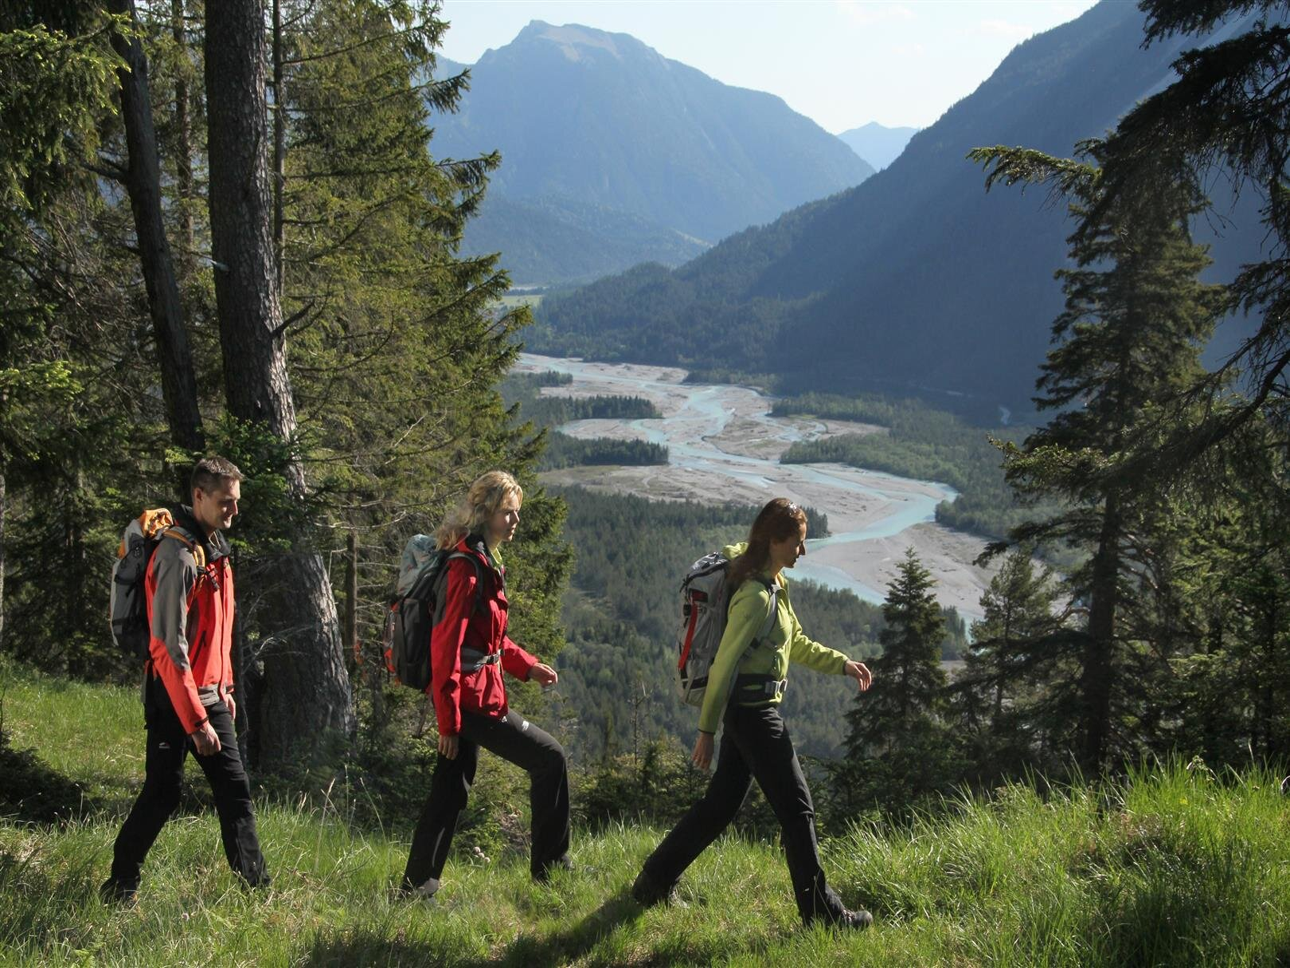 Winterwanderwege am Ortsrand von H�fen